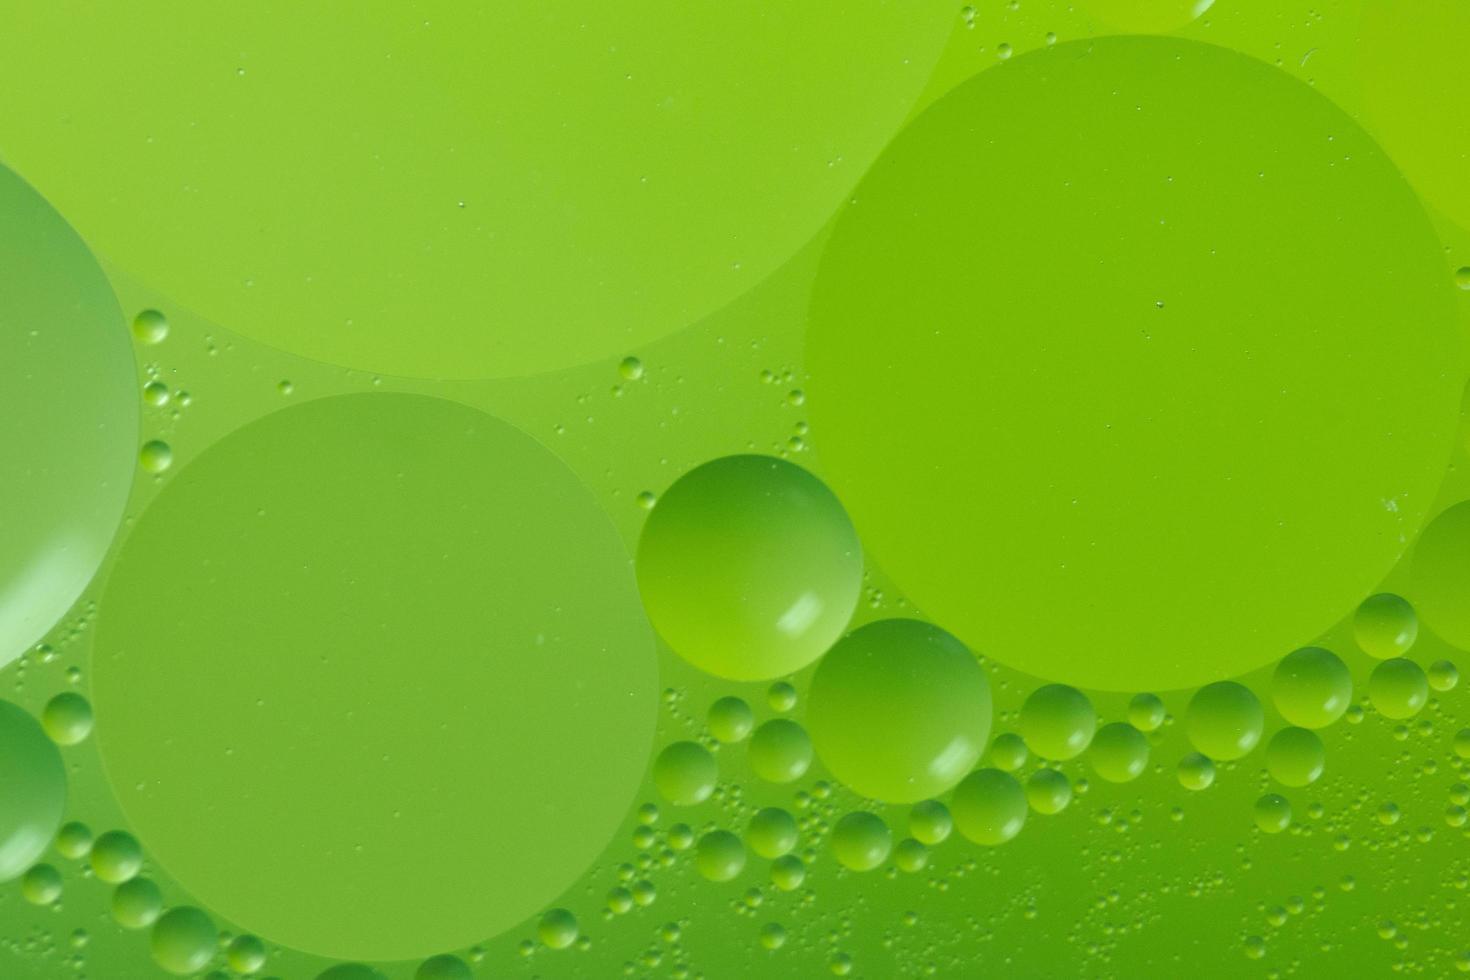 huile et eau abstrait macro photo